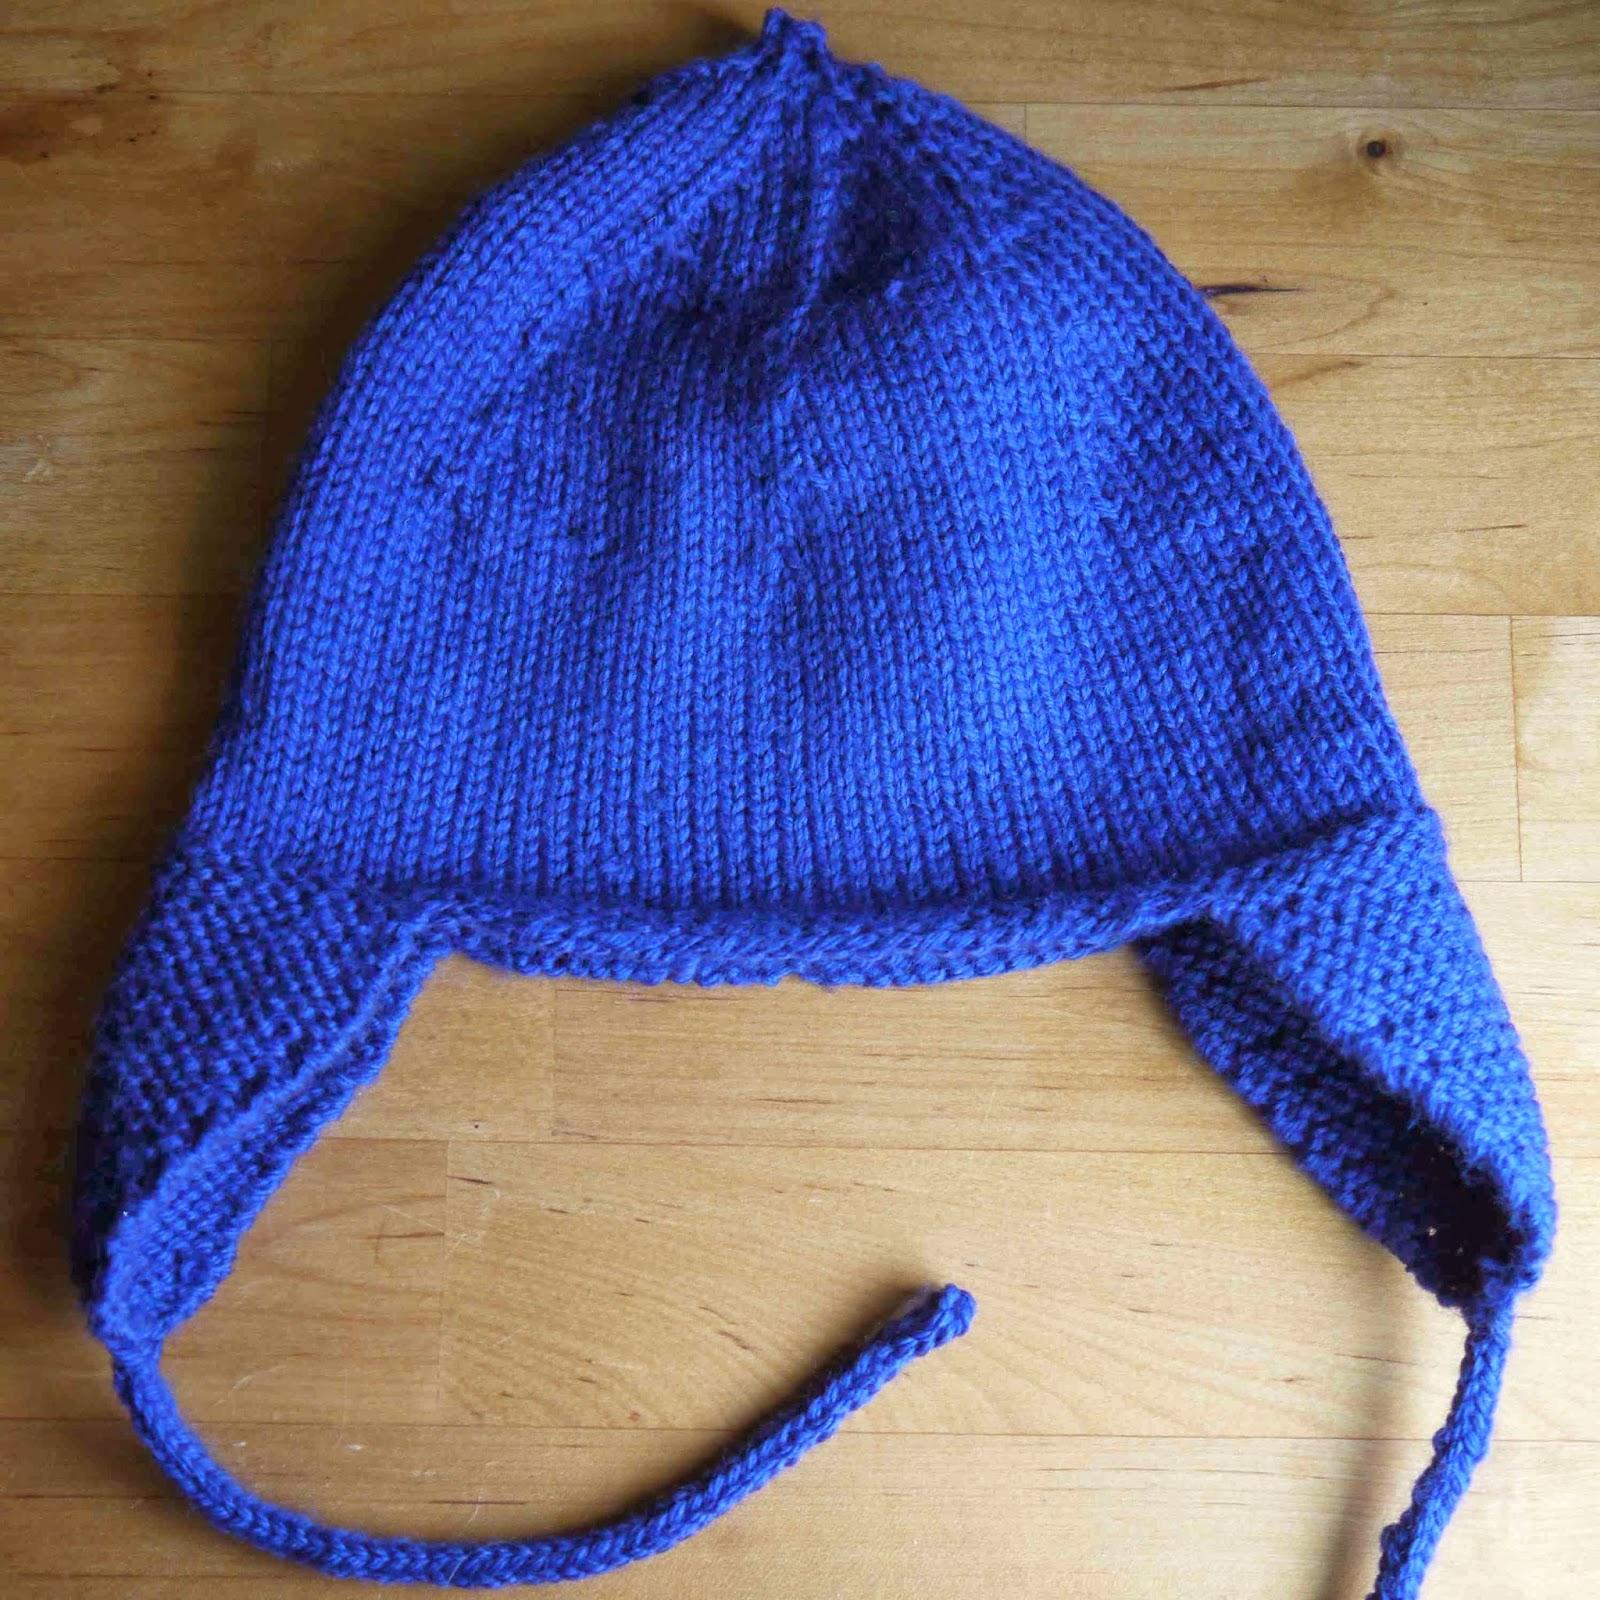 Comment tricoter des oreilles sur un bonnet - altoservices 4deb314c01e